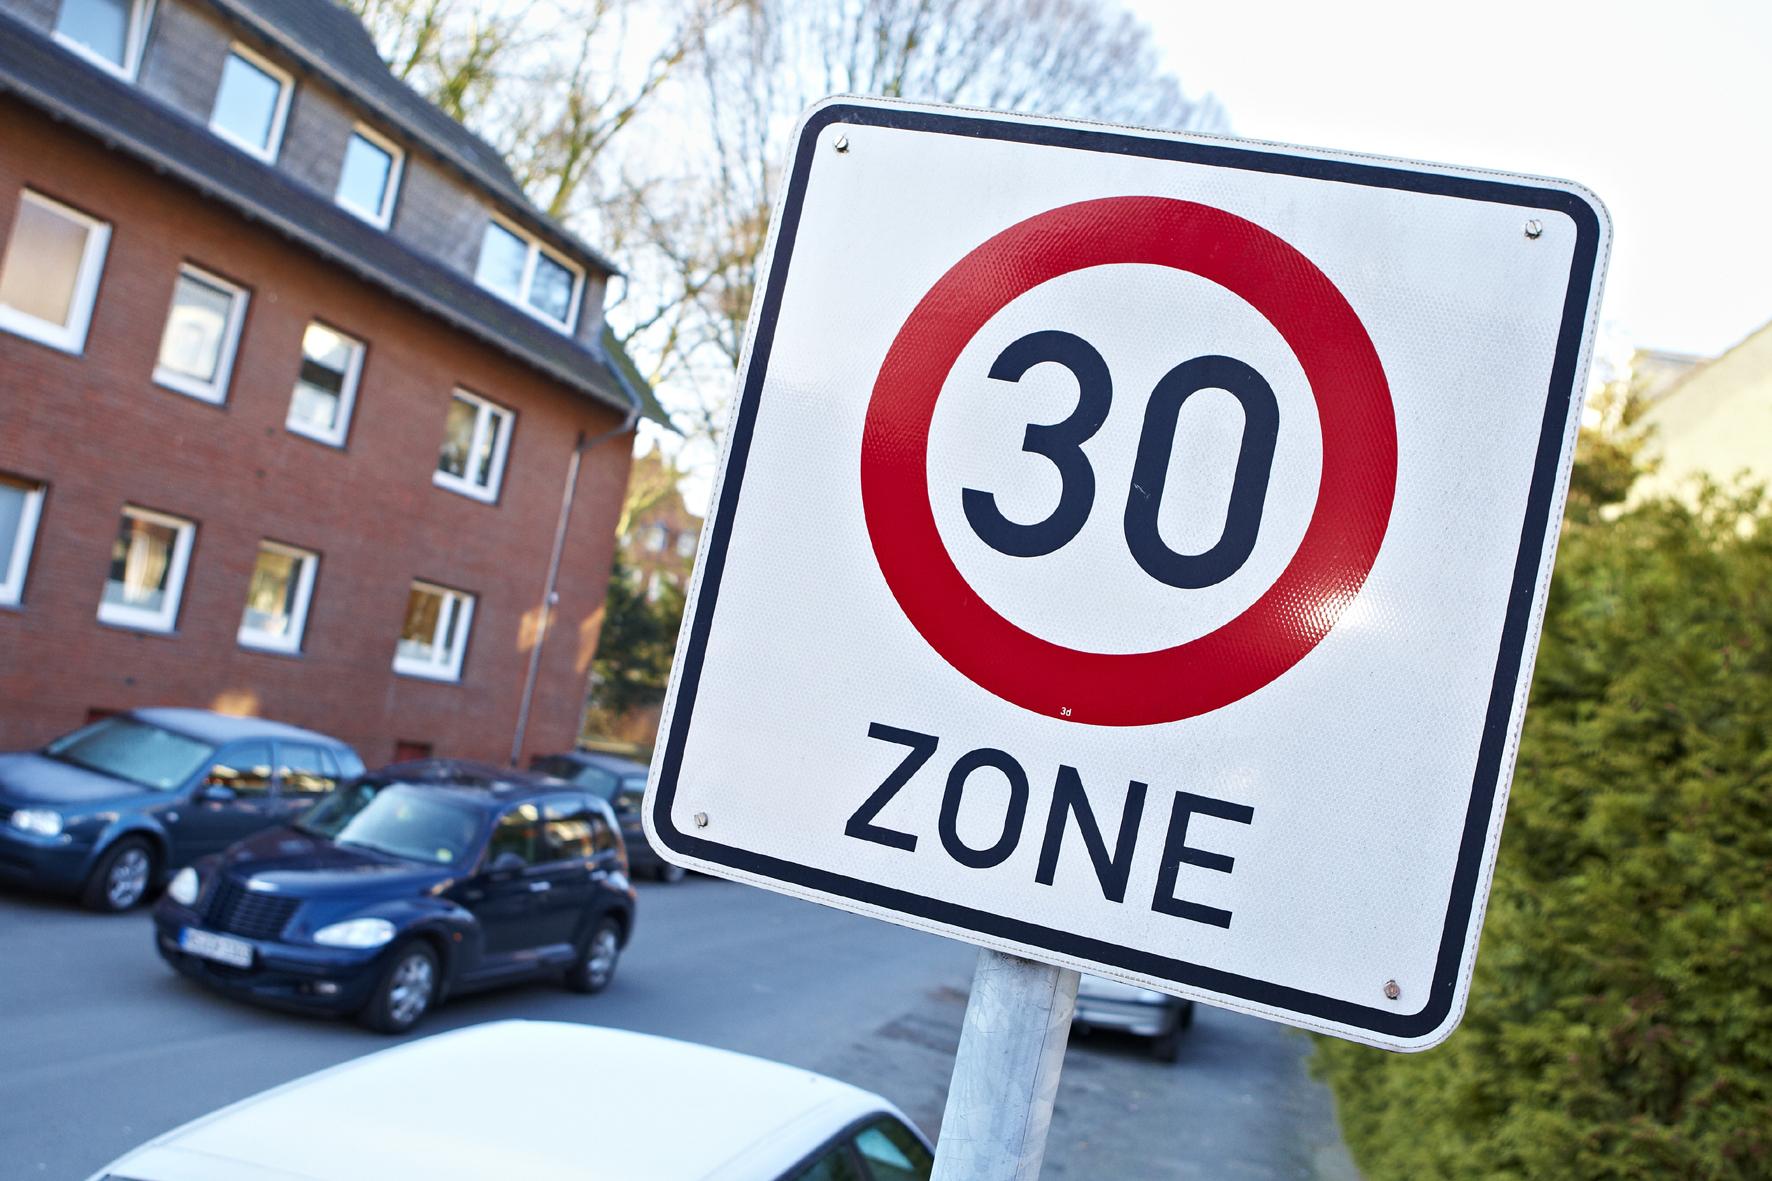 mid Düsseldorf - Eine Zahl als Zankapfel: Geht es nach den Umweltschützern, sollte auf deutschen Straßen innerorts generell Tempo 30 gelten.